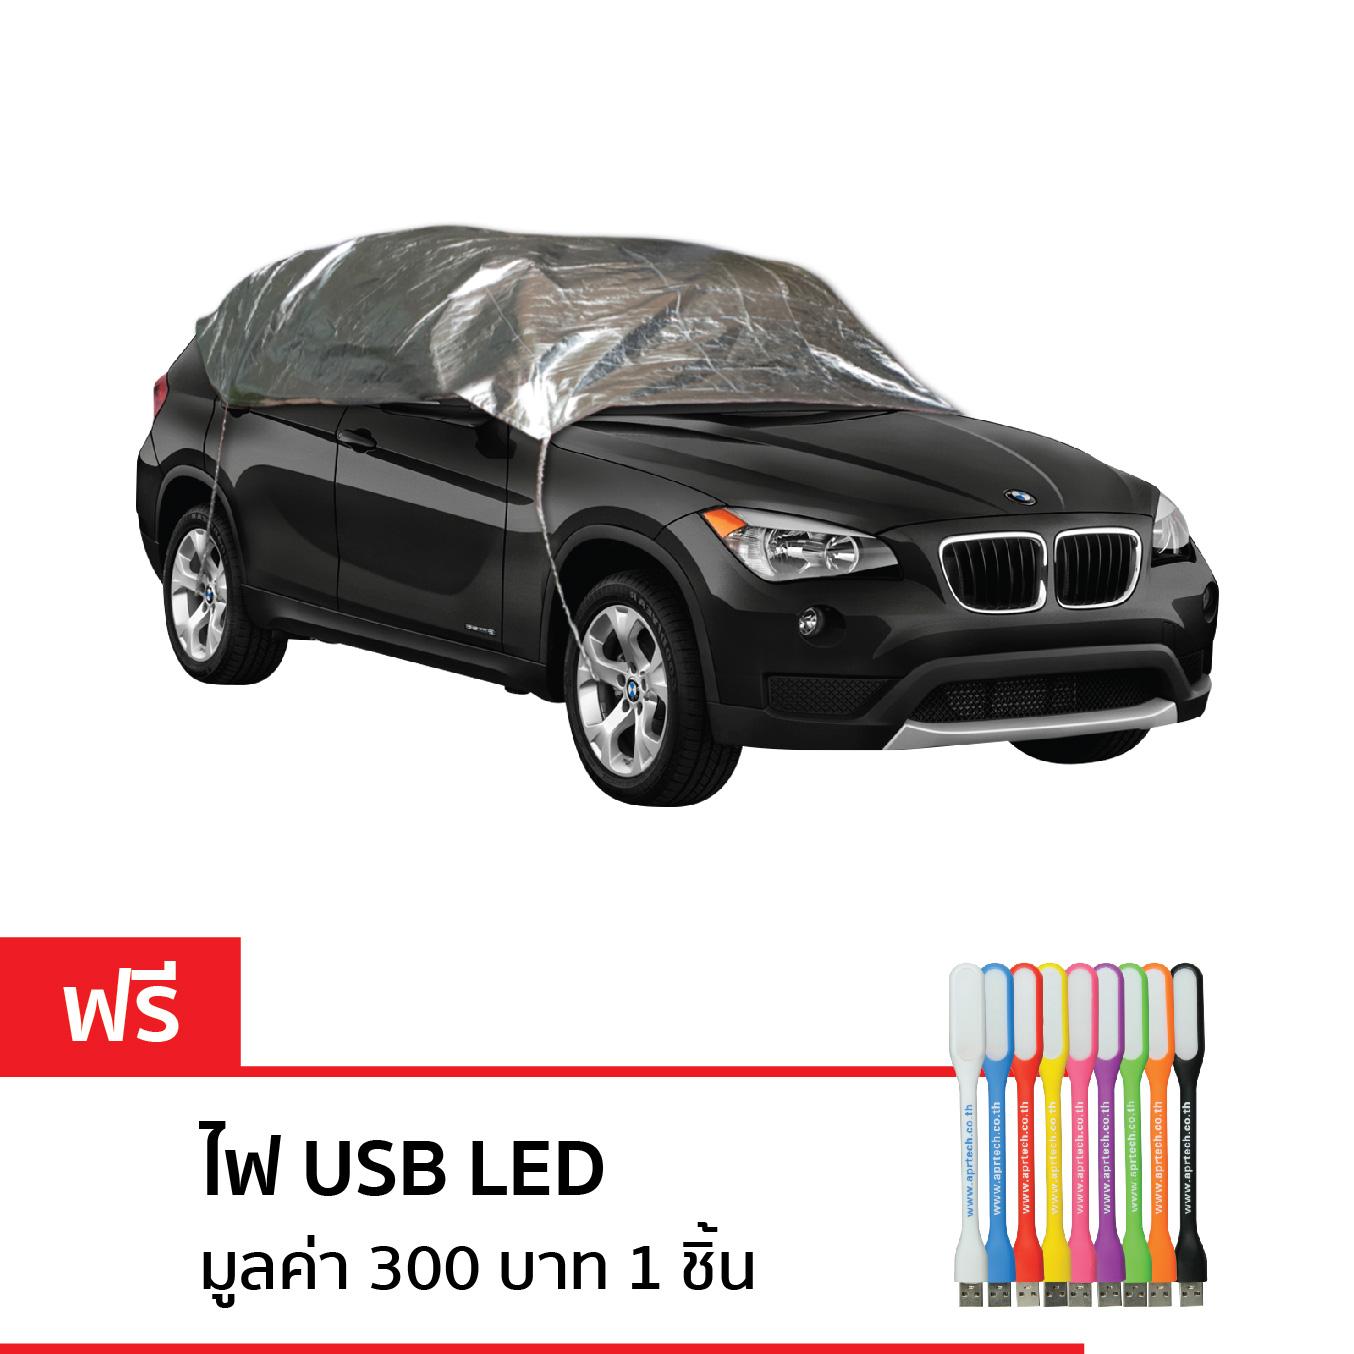 New Sunaway ผ้าคลุมรถกันร้อน 100% (สำหรับ MPV-SUV ครึ่งคัน)